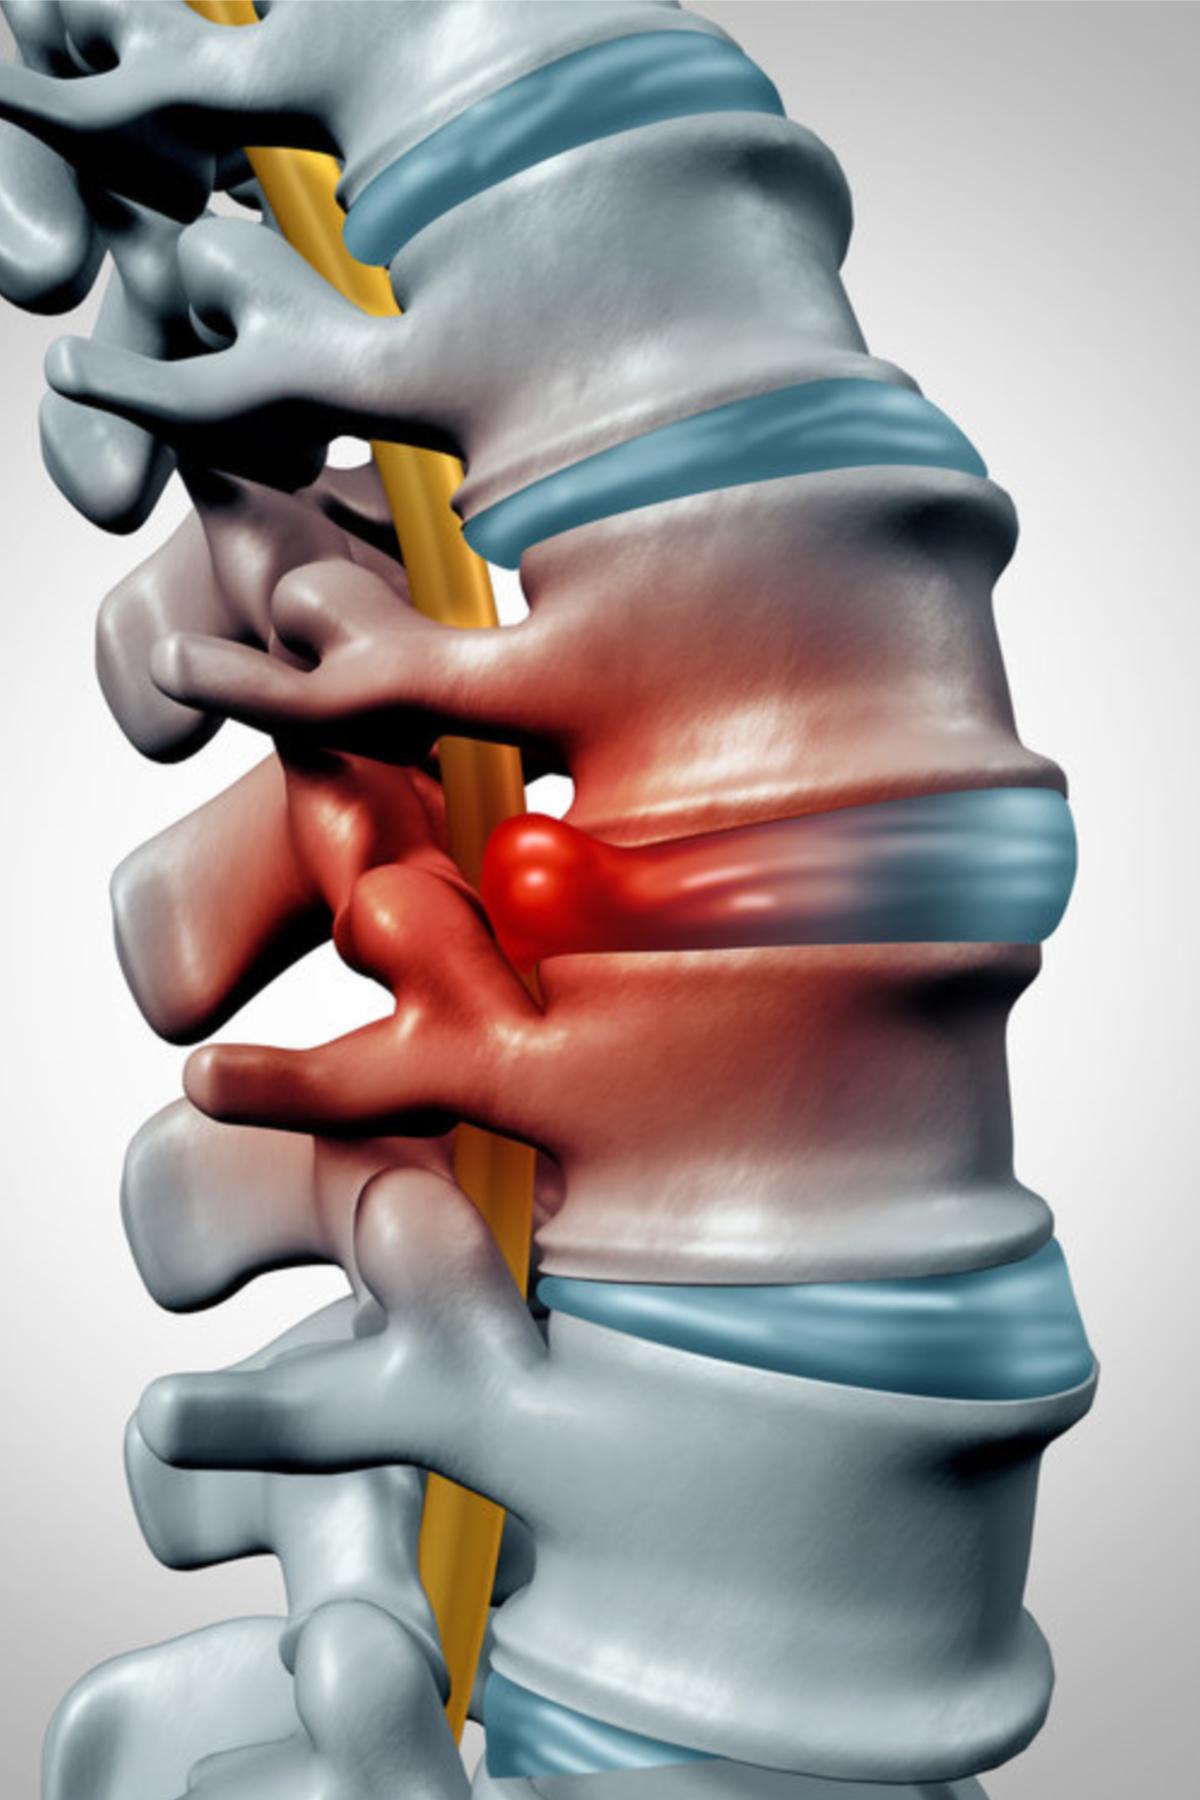 Smerter i ryggen med smerteutstråling i benet kan skyldes skiveprolaps. Om dette skulle oppstå er det en fordel at du undersøkes raskt og grundig, slik at en riktig diagnose stilles, og tiltak iverksettes.